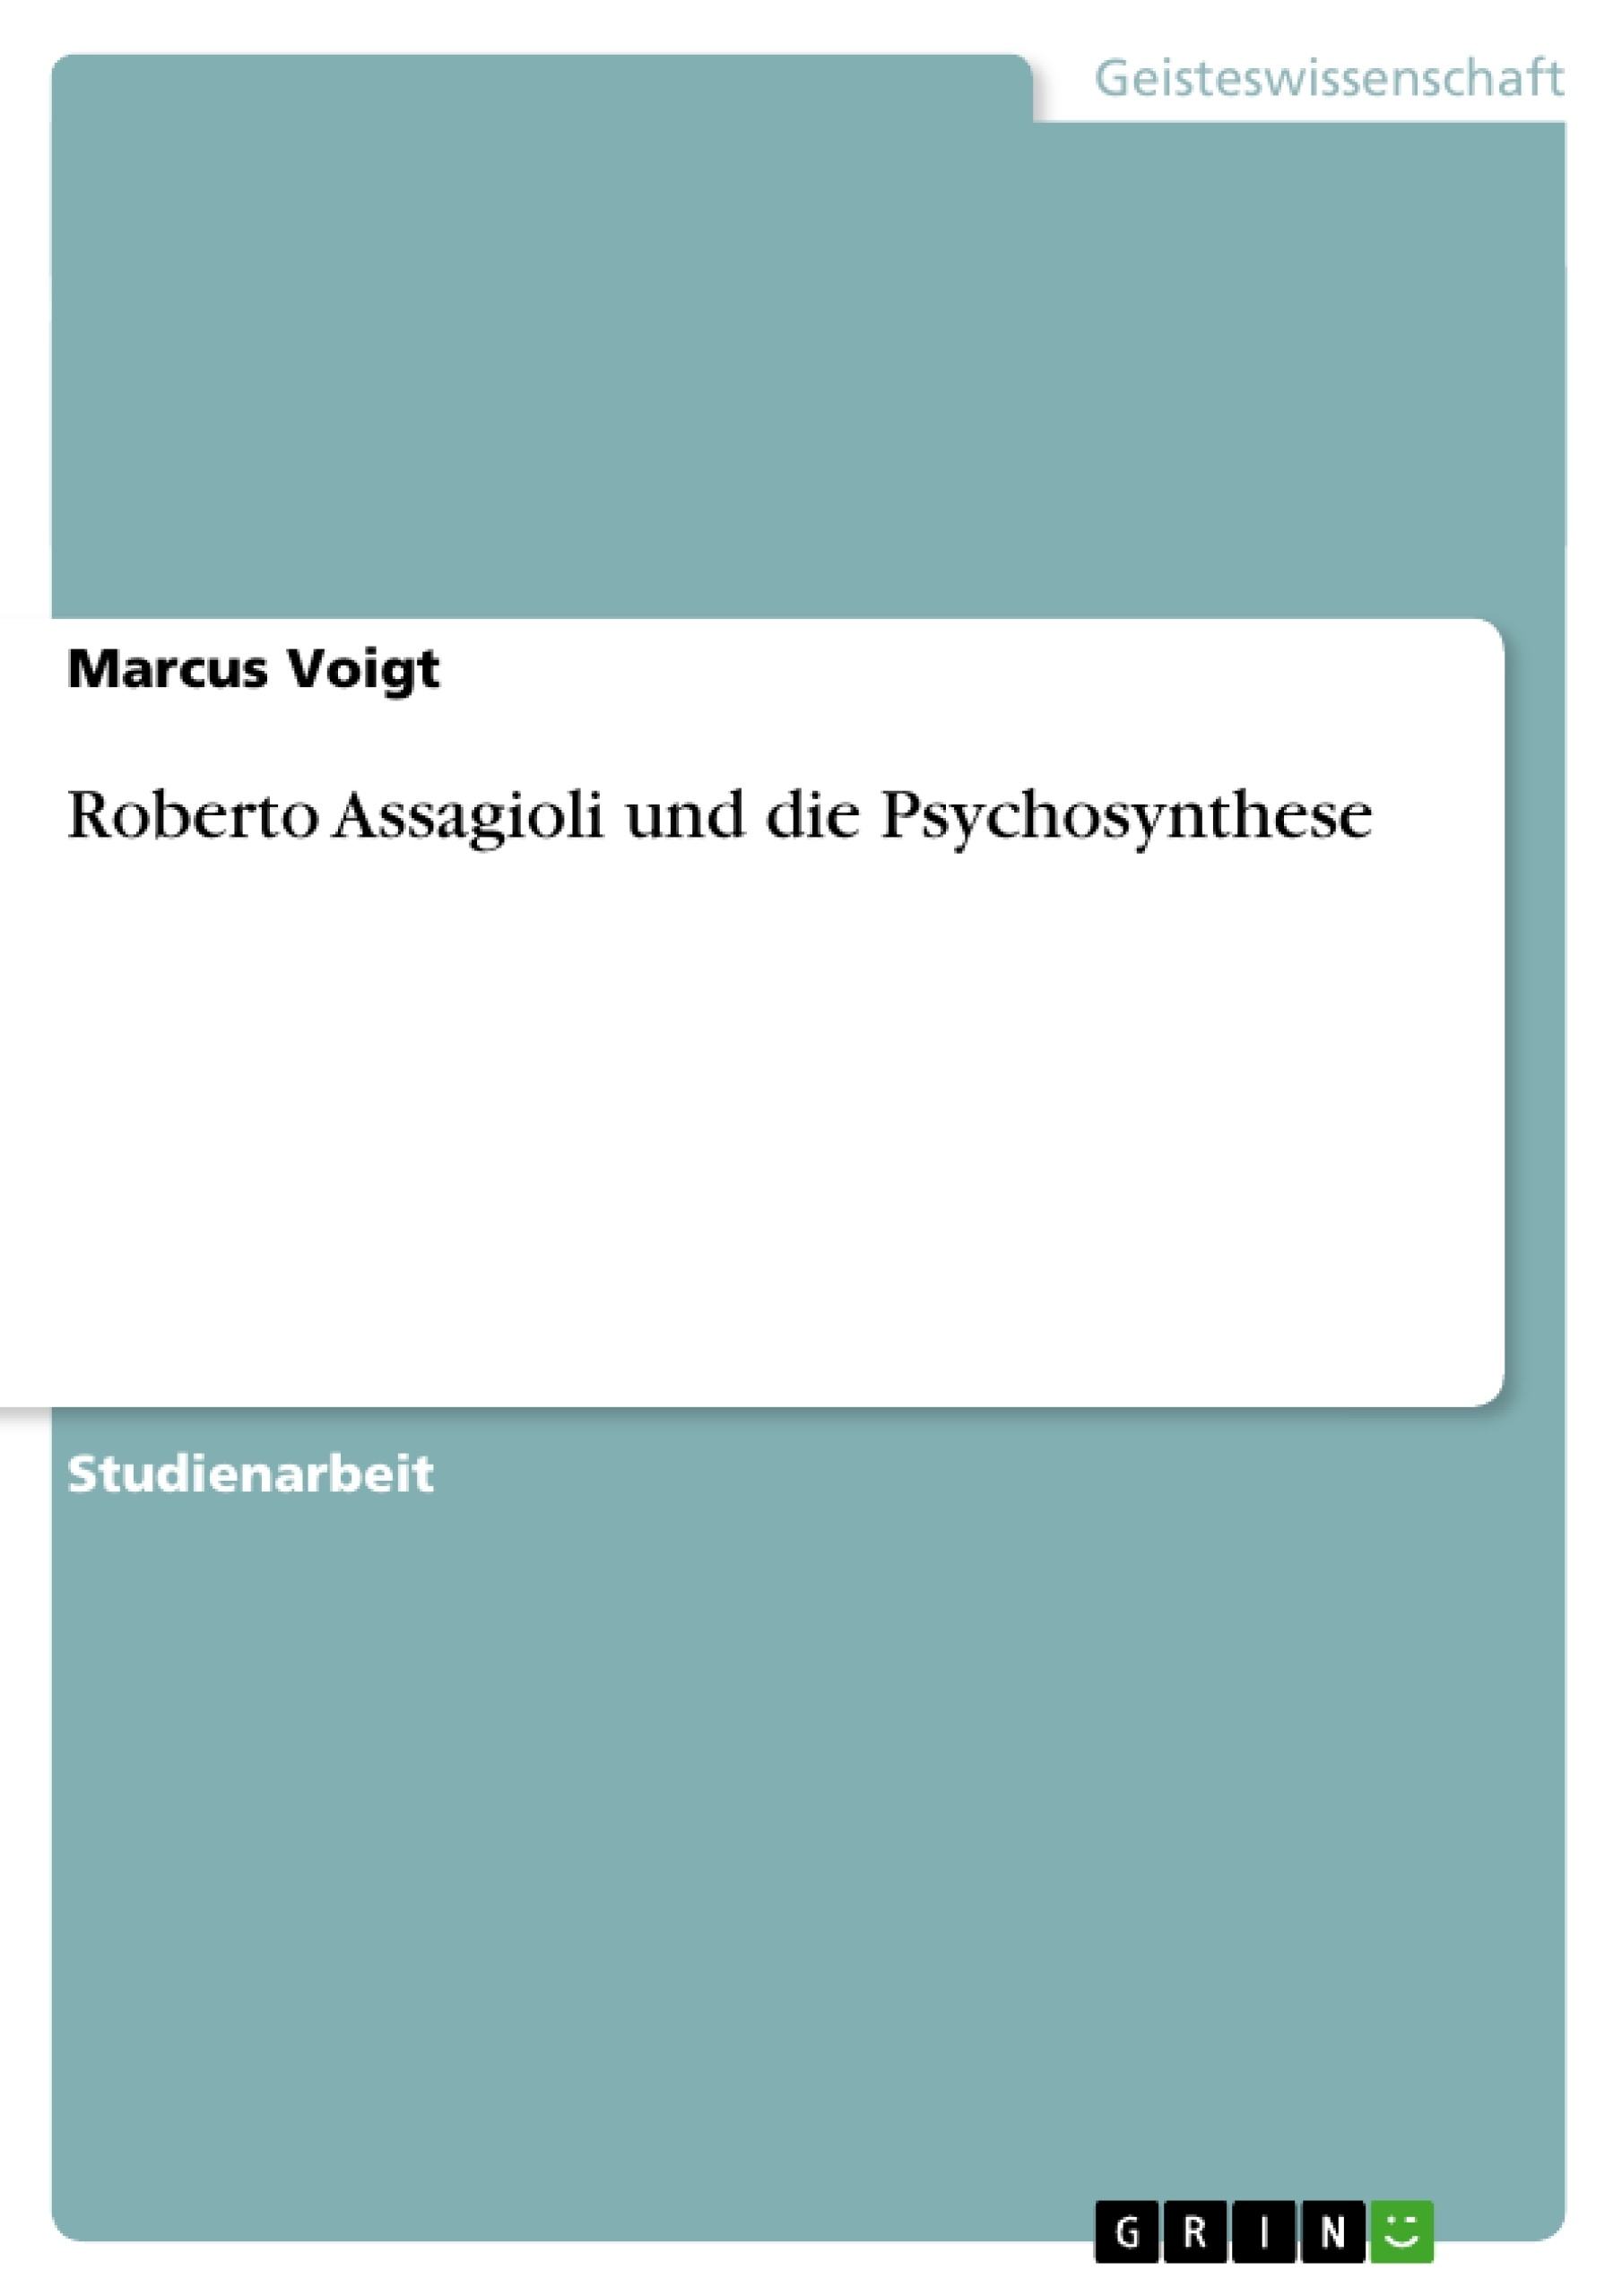 Titel: Roberto Assagioli und die Psychosynthese